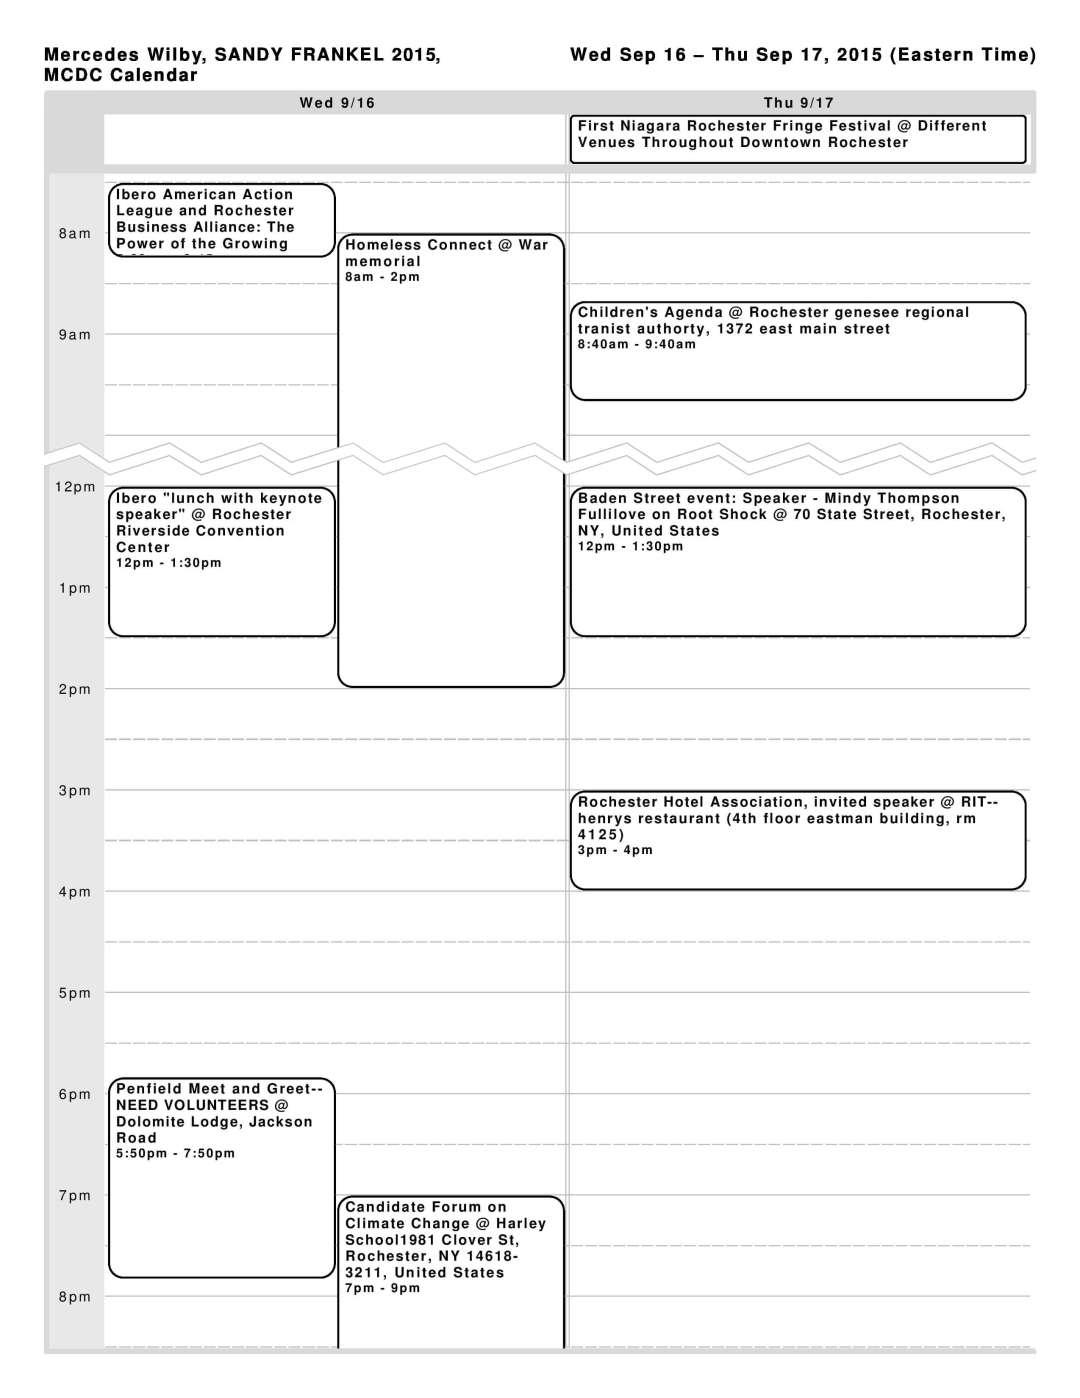 Sandy Frankel Sept 13 to 19-page-1